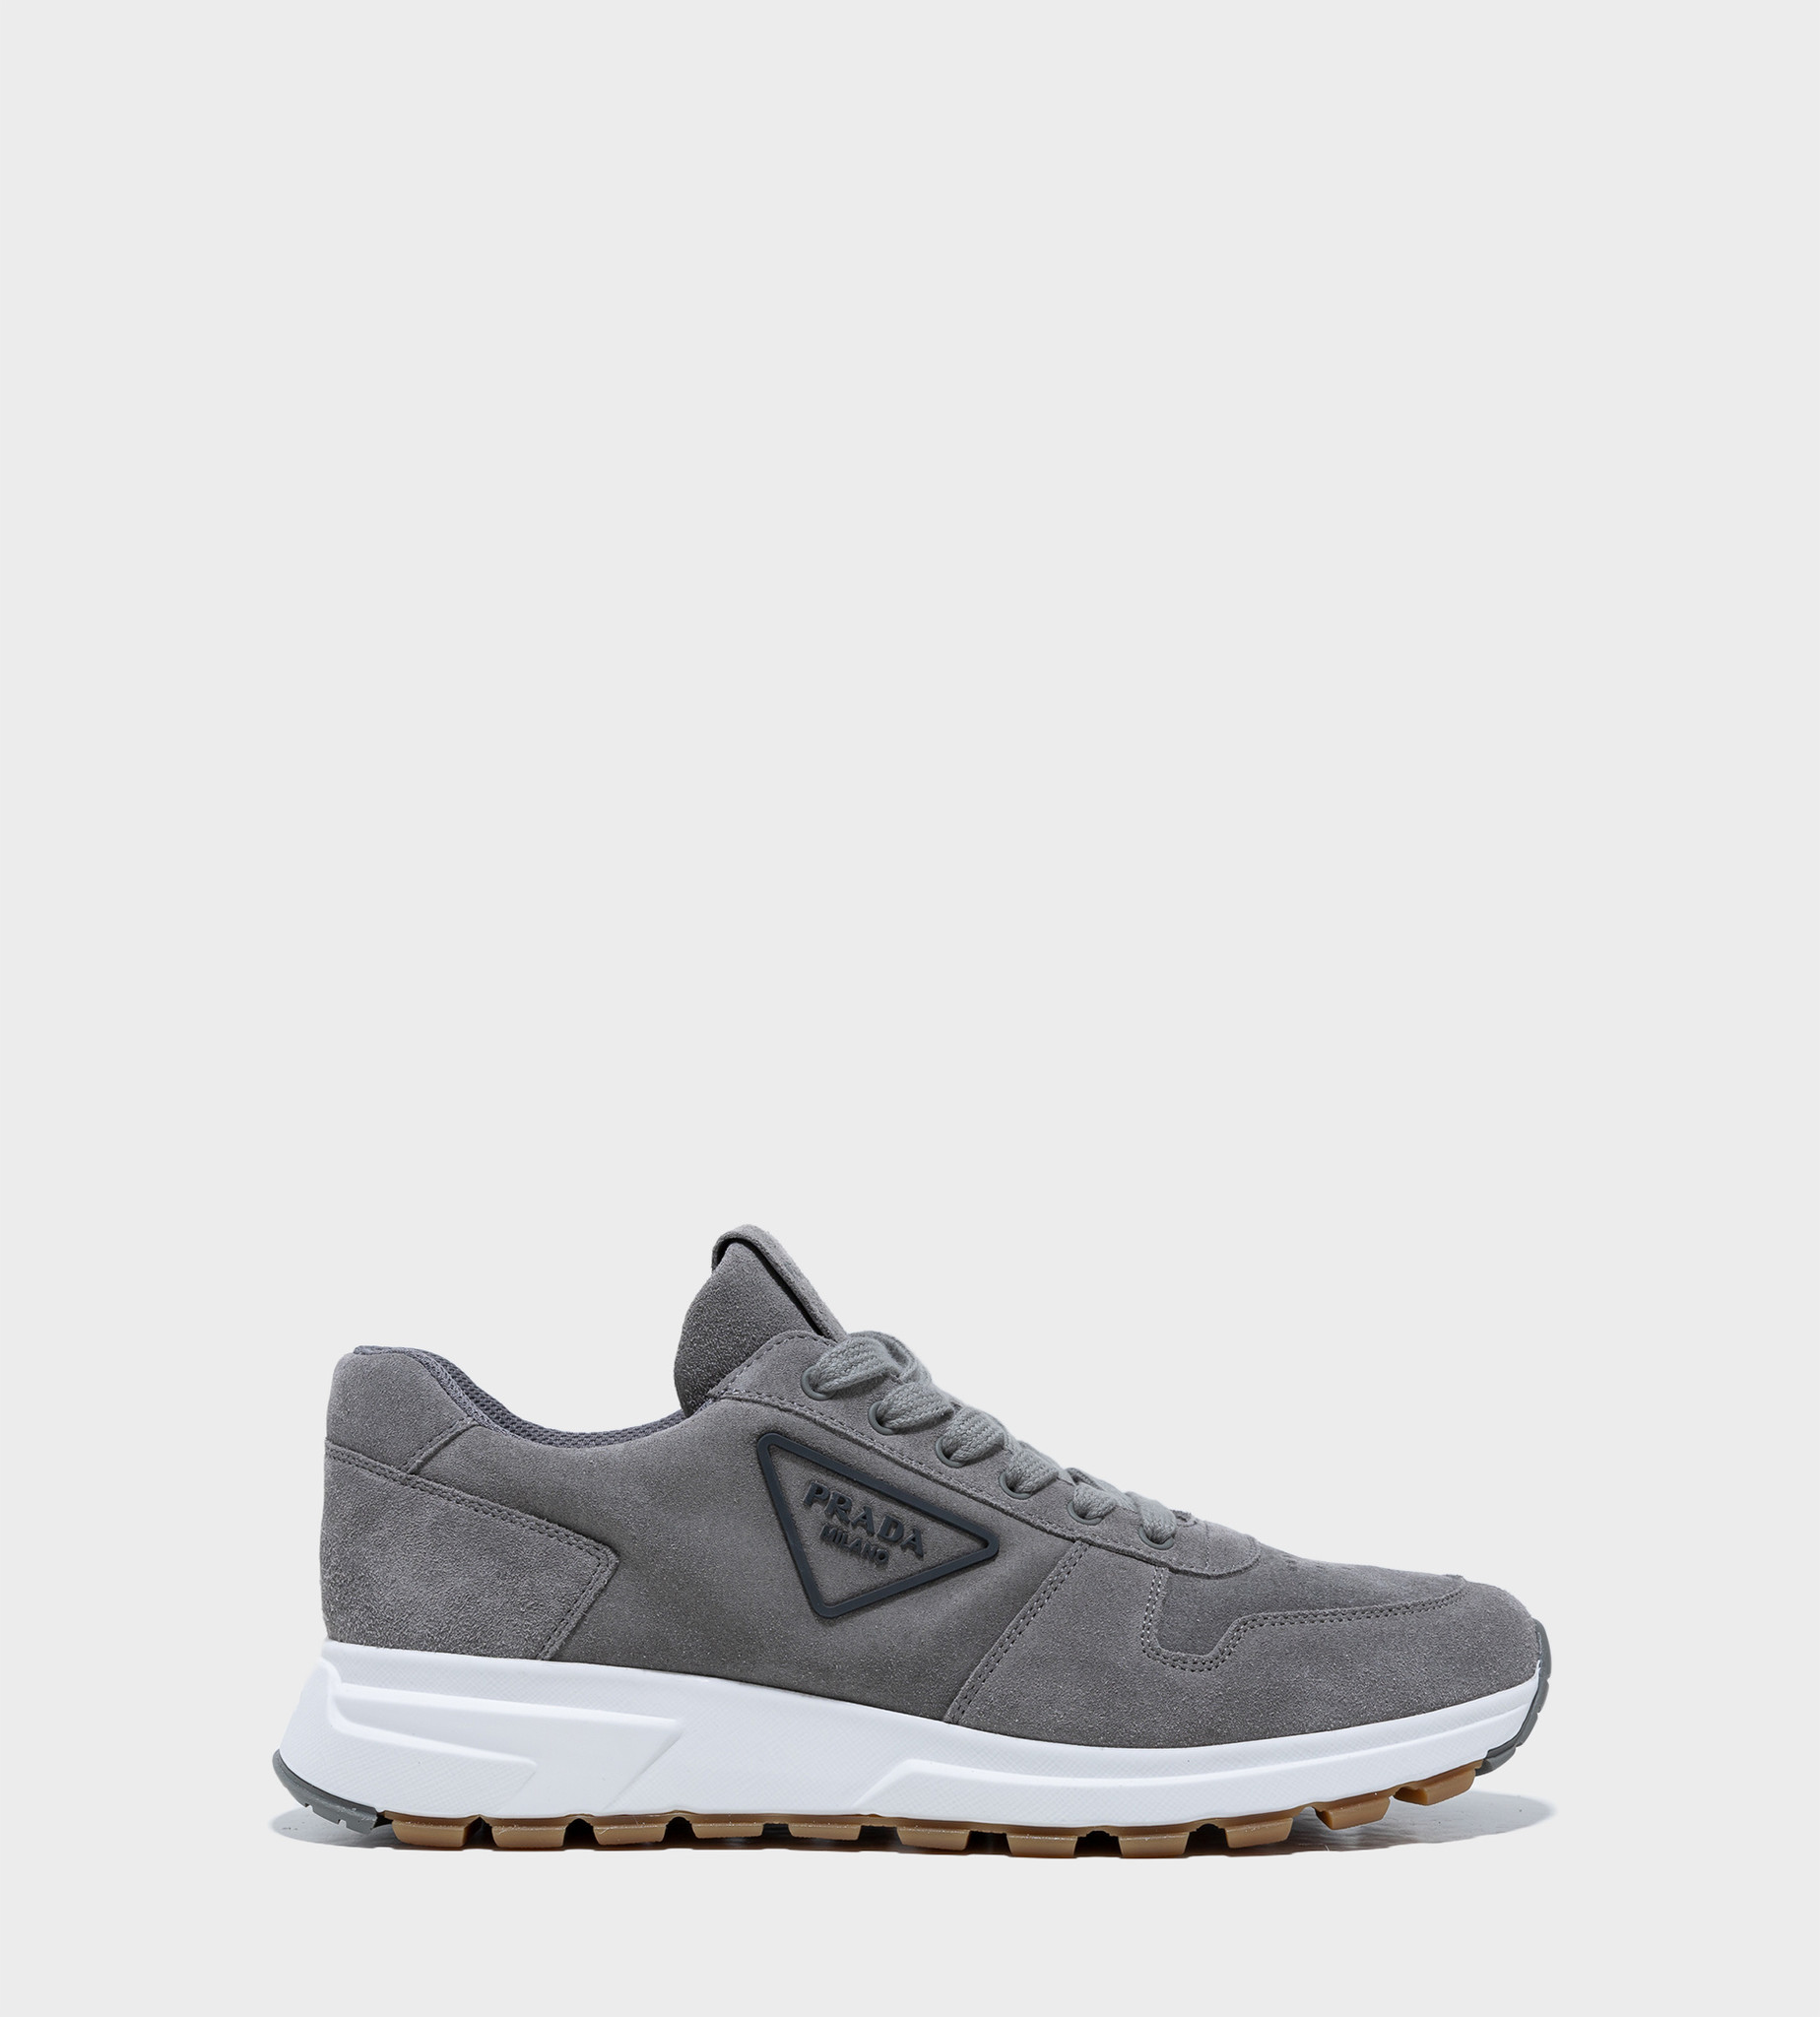 PRADA Prax 01 Laced Sneakers Grey